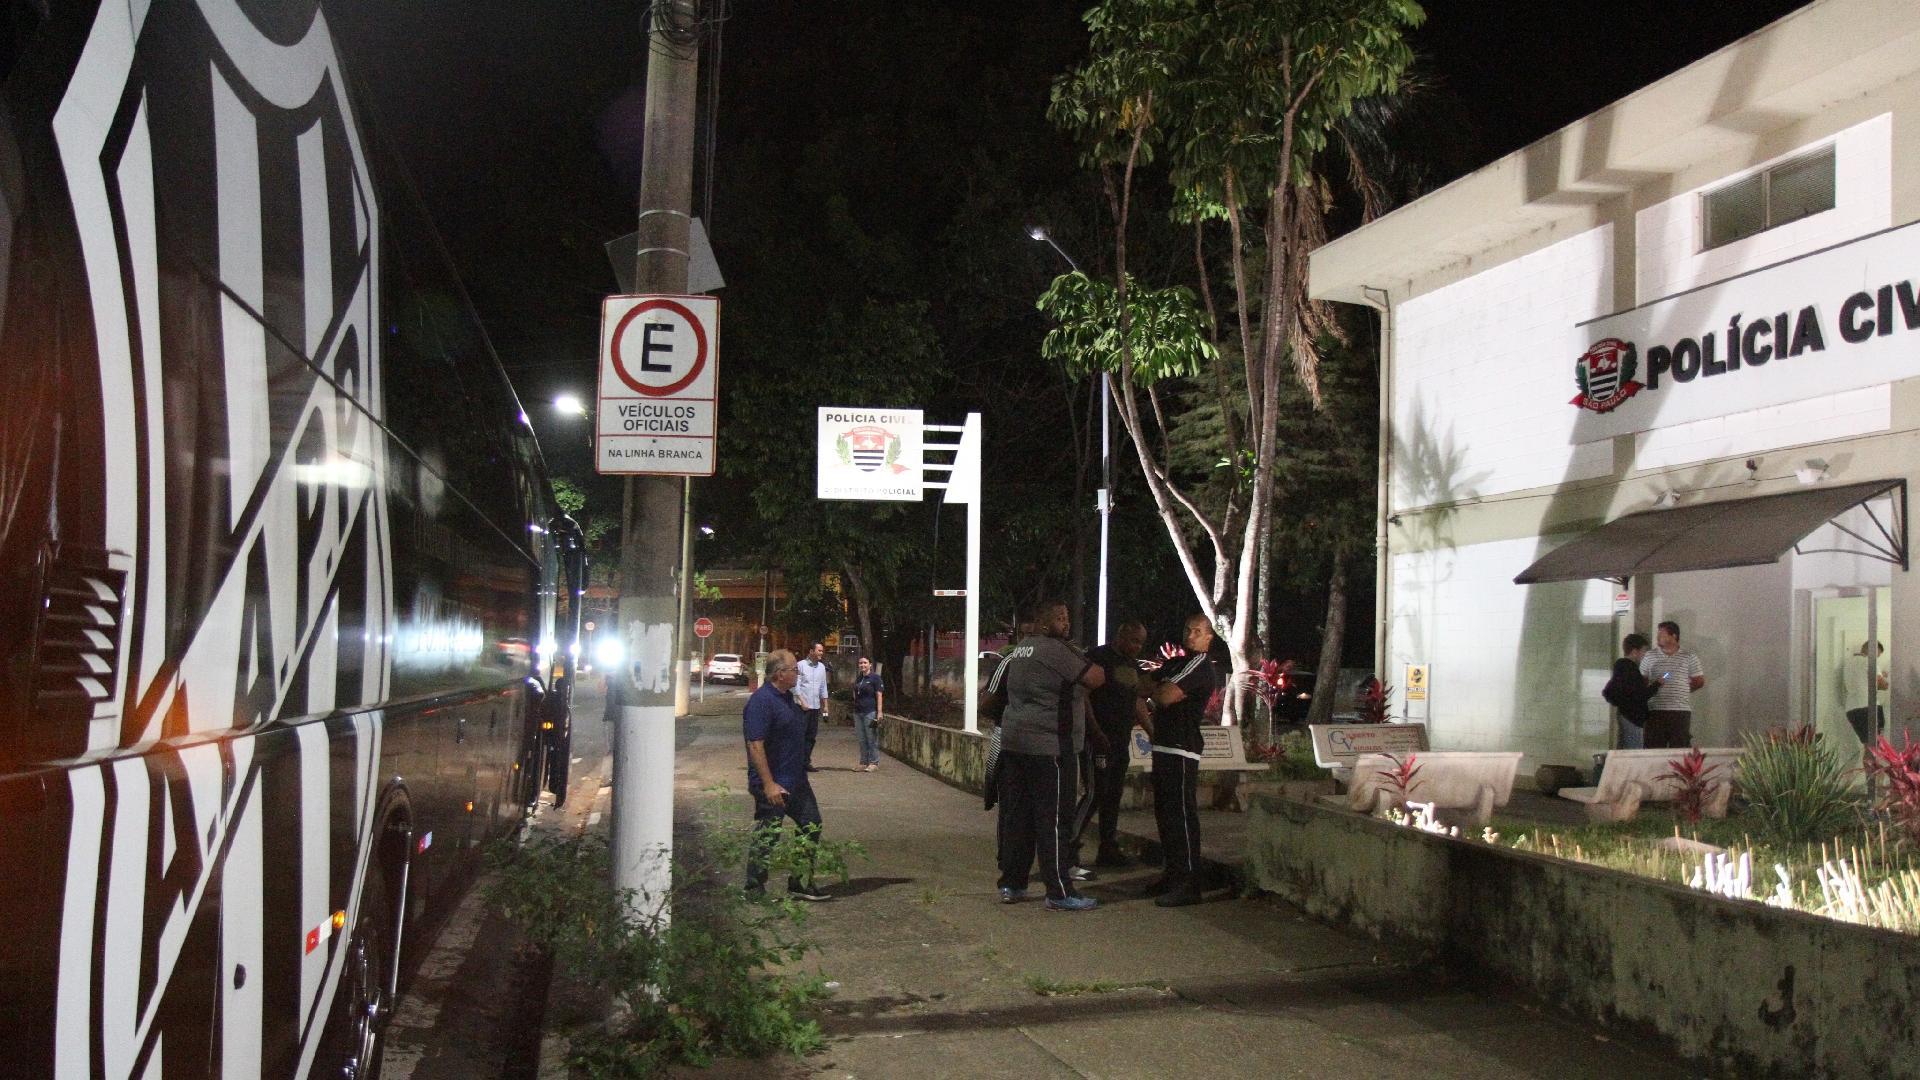 Detalhe do ônibus da delegação da Ponte Preta na porta de uma delegacia de Polícia, onde o elenco foi prestar queixa por conta da agressão sofrida no aeroporto, no dia 25/9